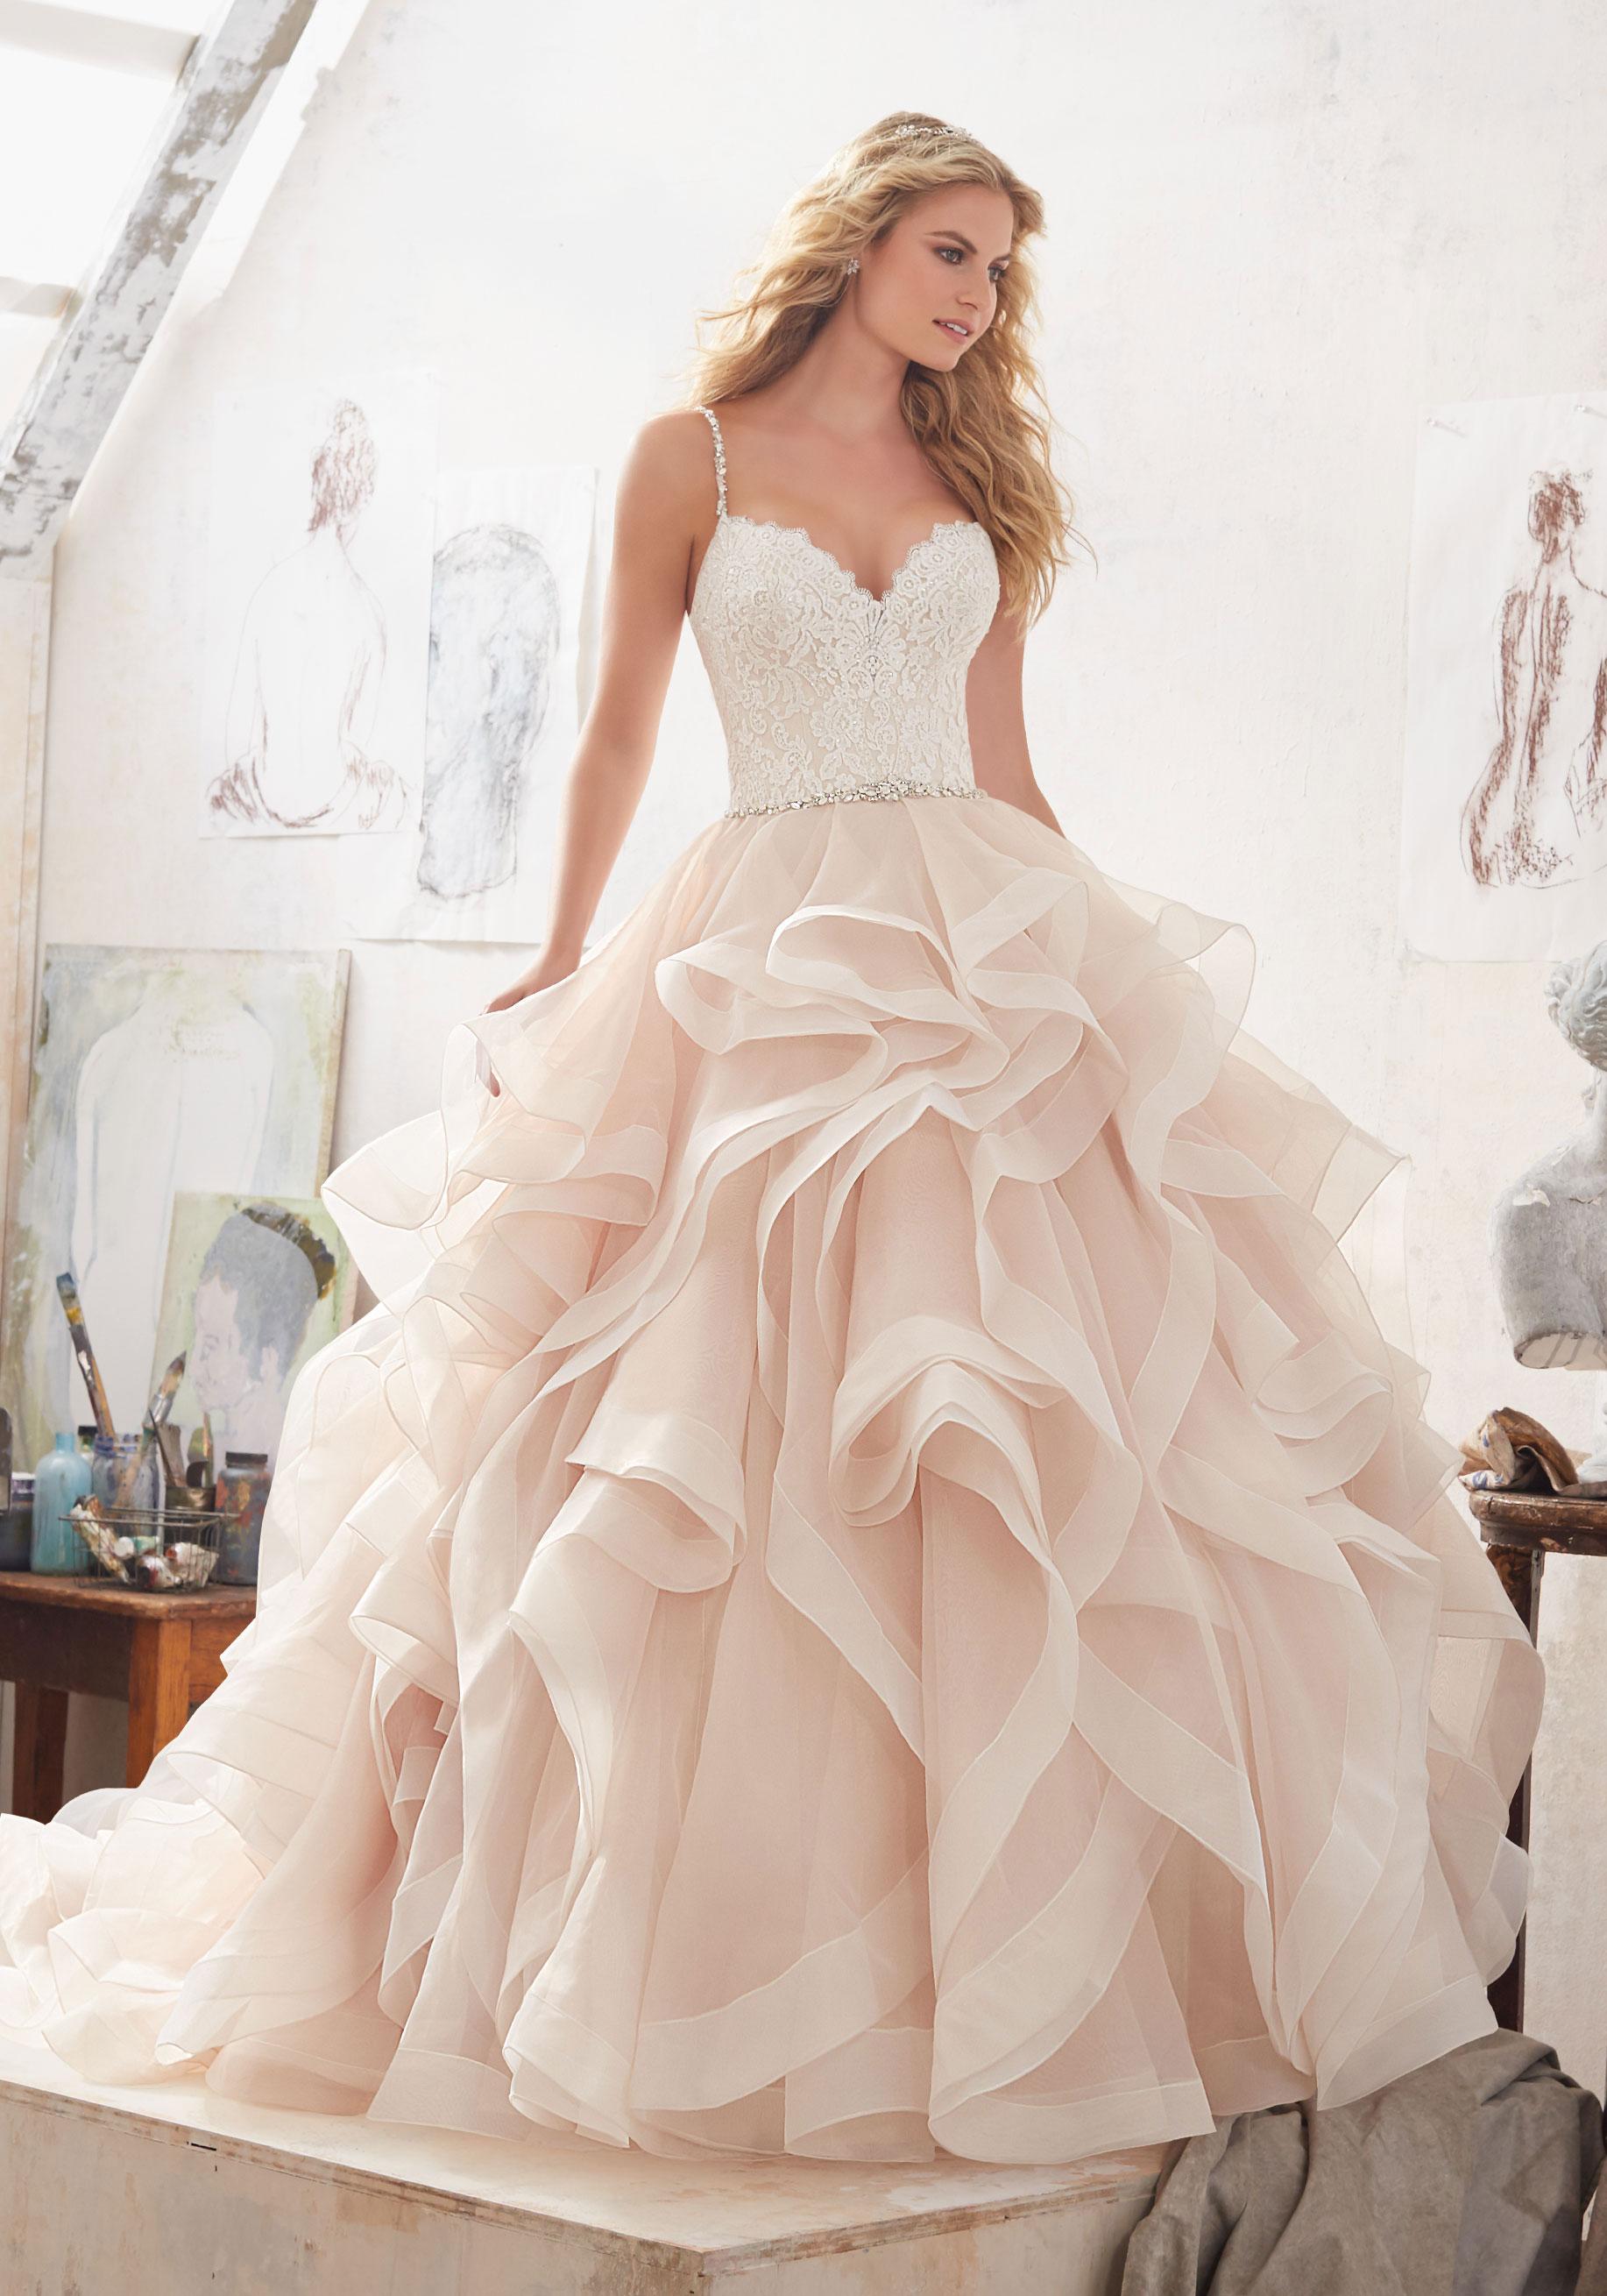 Menyasszonyi ruha választás: egyedül vagy együtt?